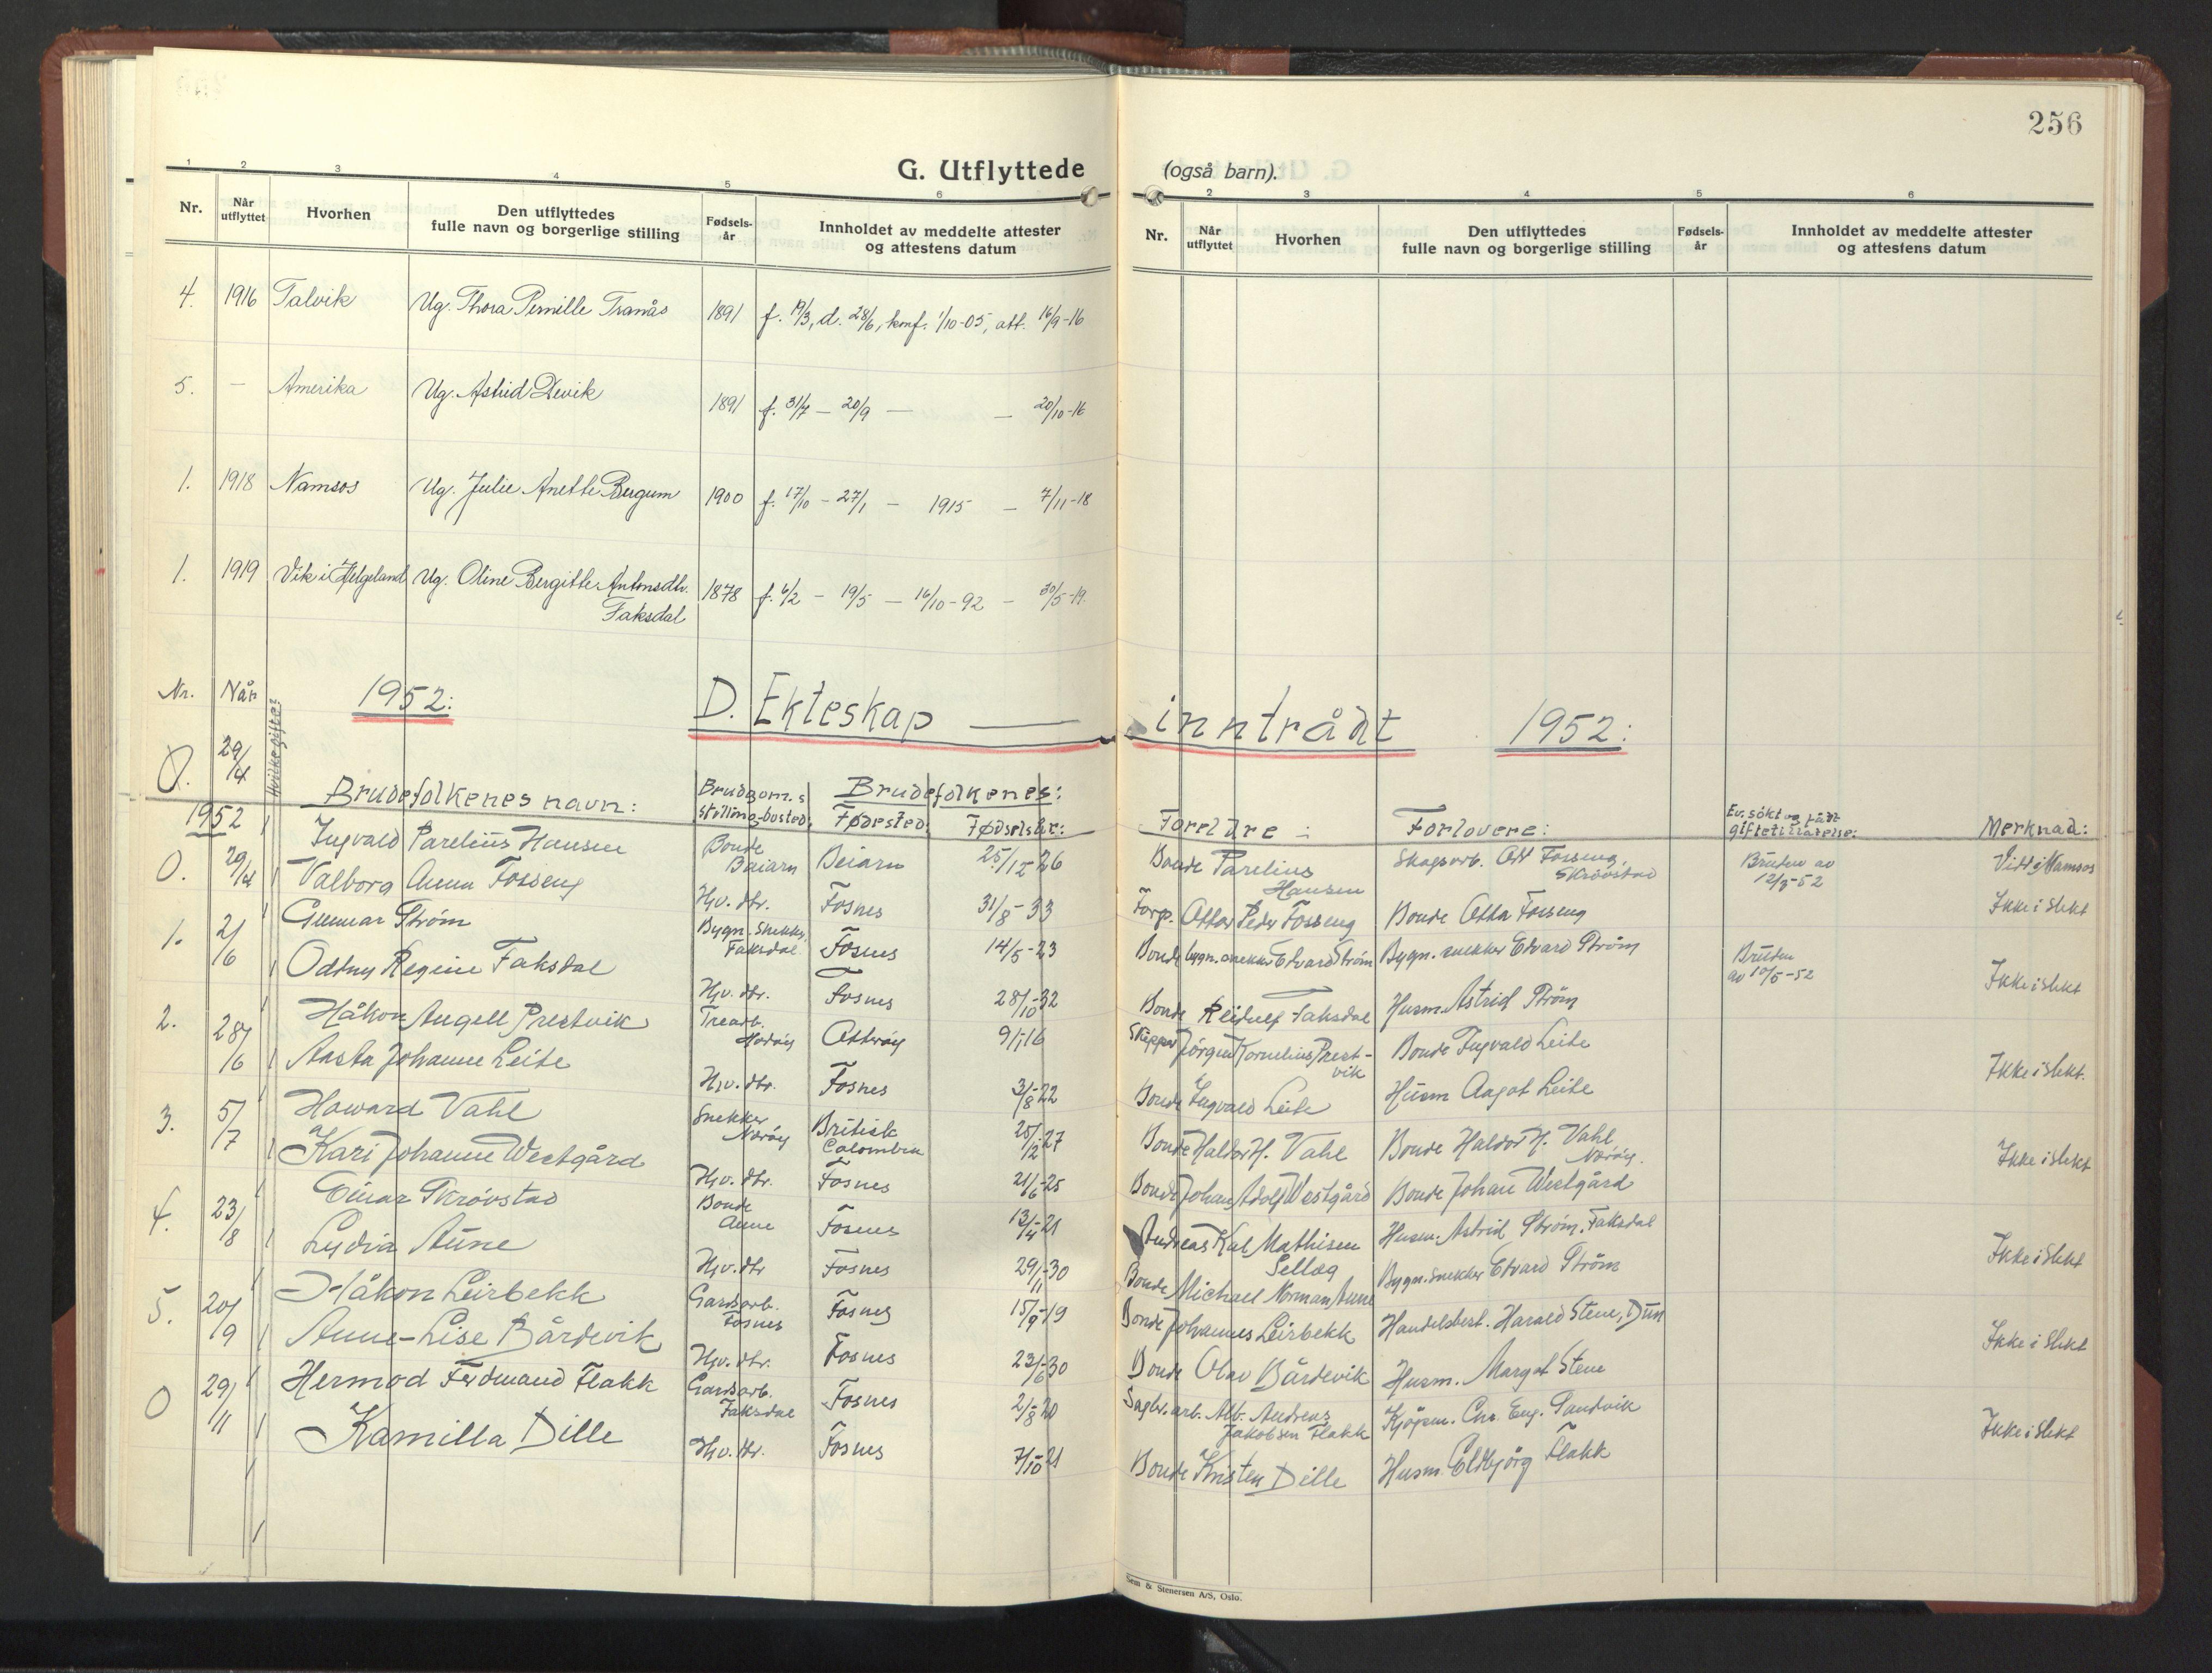 SAT, Ministerialprotokoller, klokkerbøker og fødselsregistre - Nord-Trøndelag, 773/L0625: Klokkerbok nr. 773C01, 1910-1952, s. 256